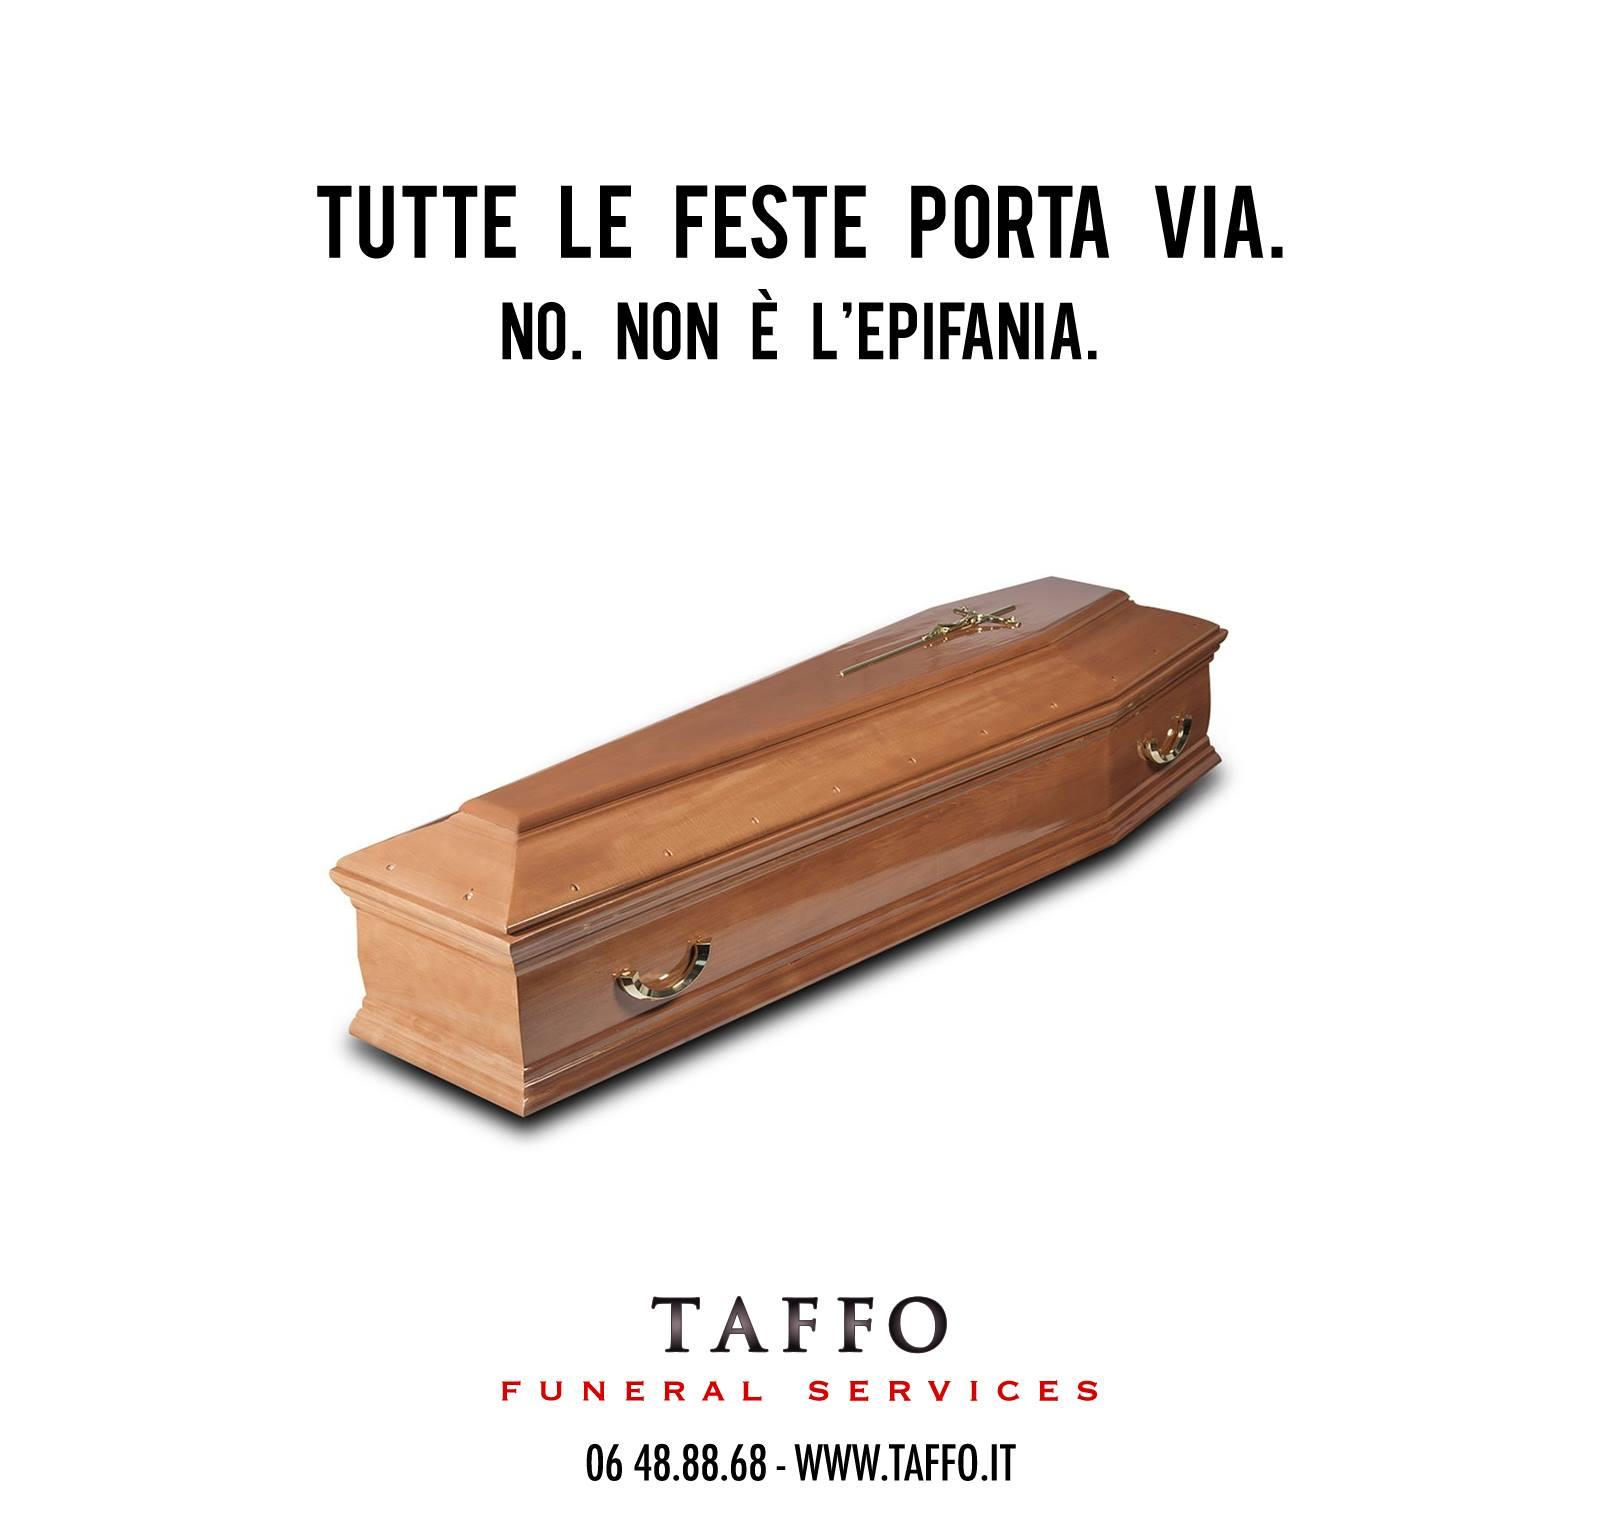 Agenzia Pubblicitaria Marketing Social  TAFFO Funeral